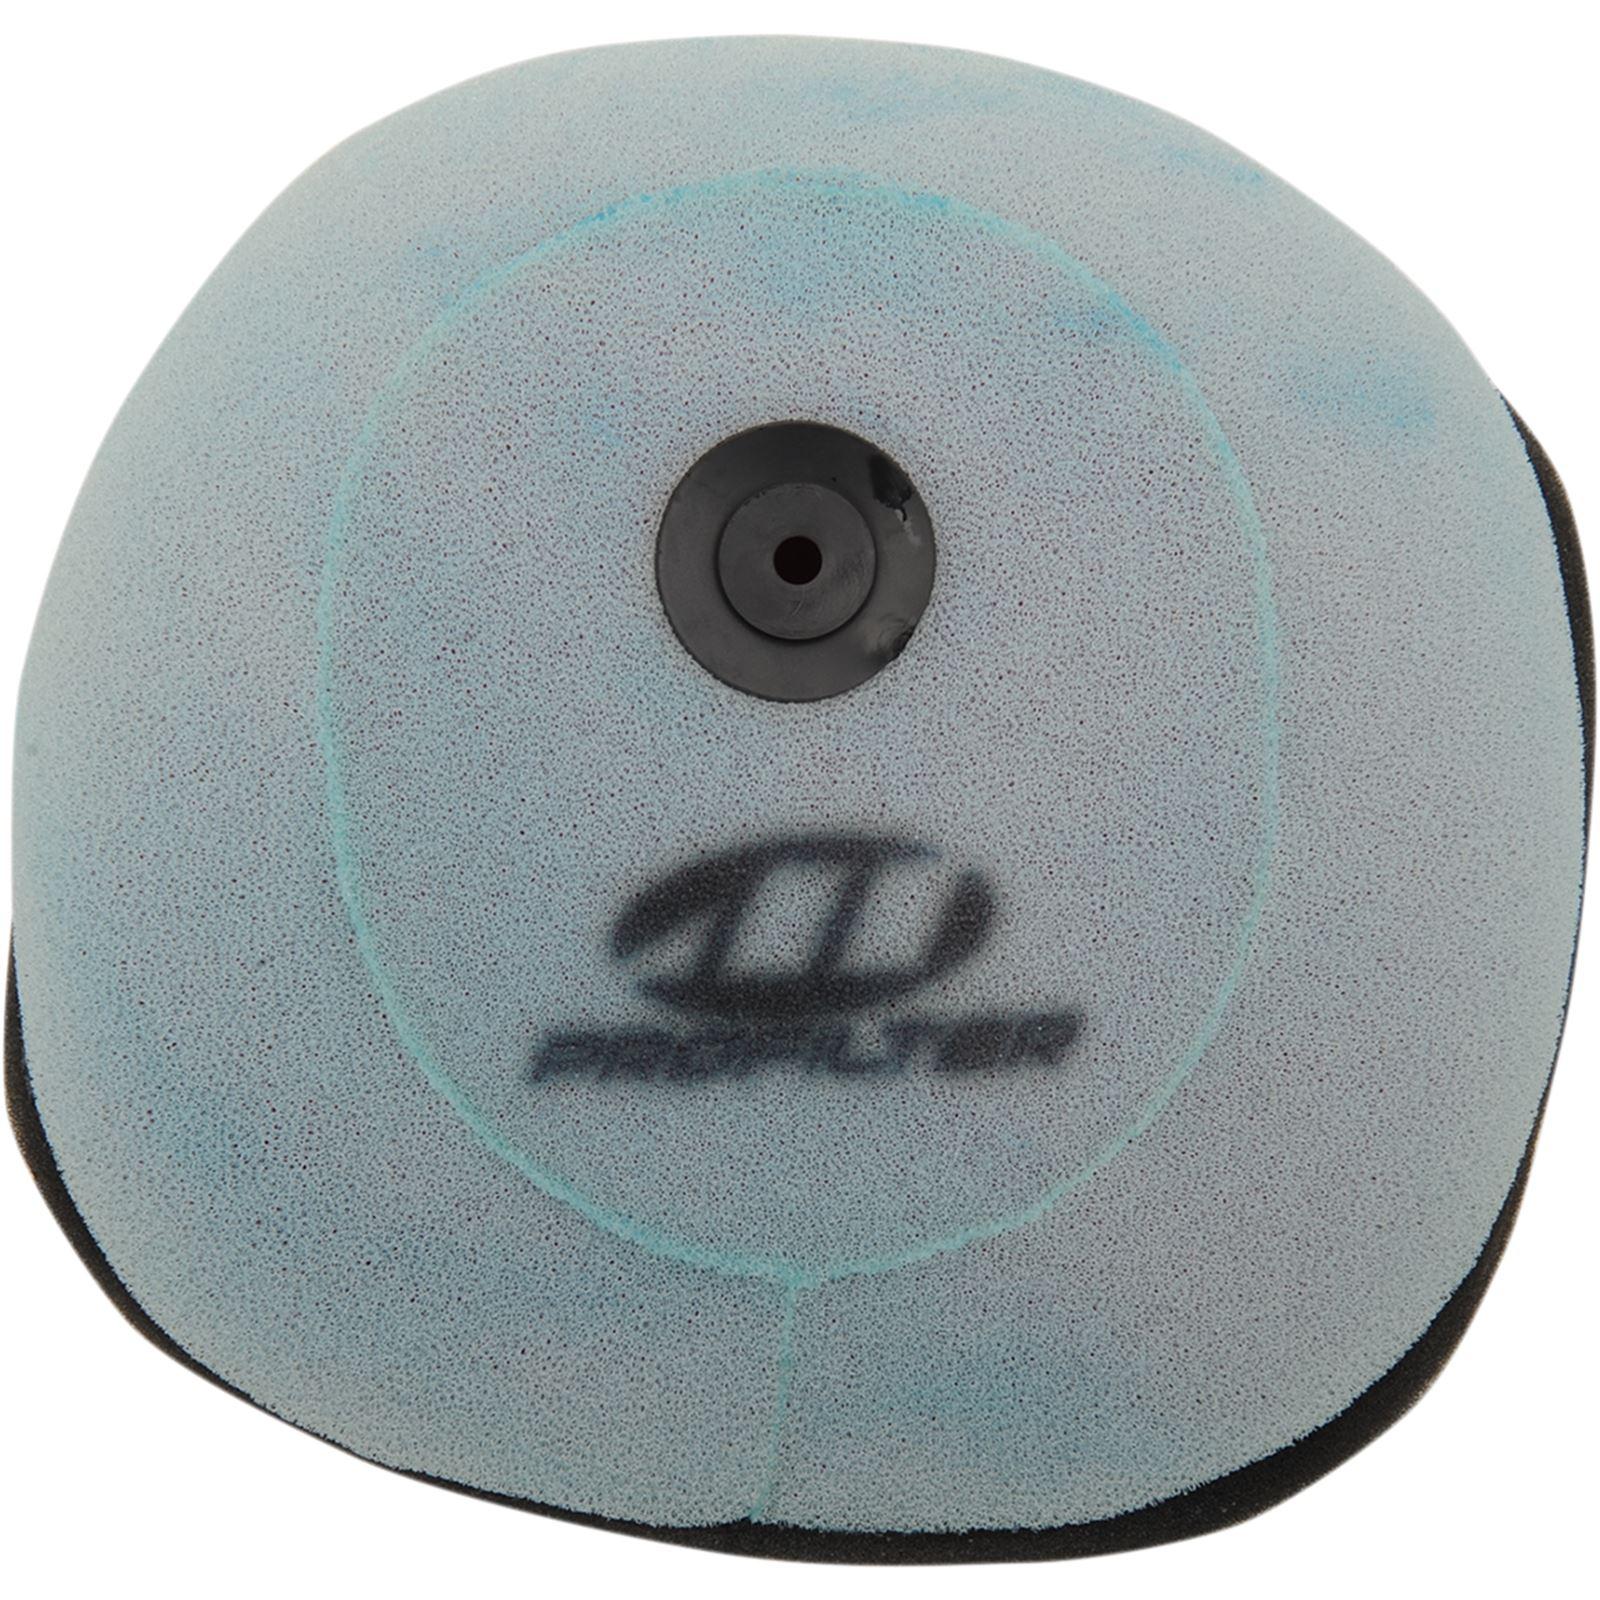 Pro Filter Air Filter Husqvarna/KTM Pre-Oiled